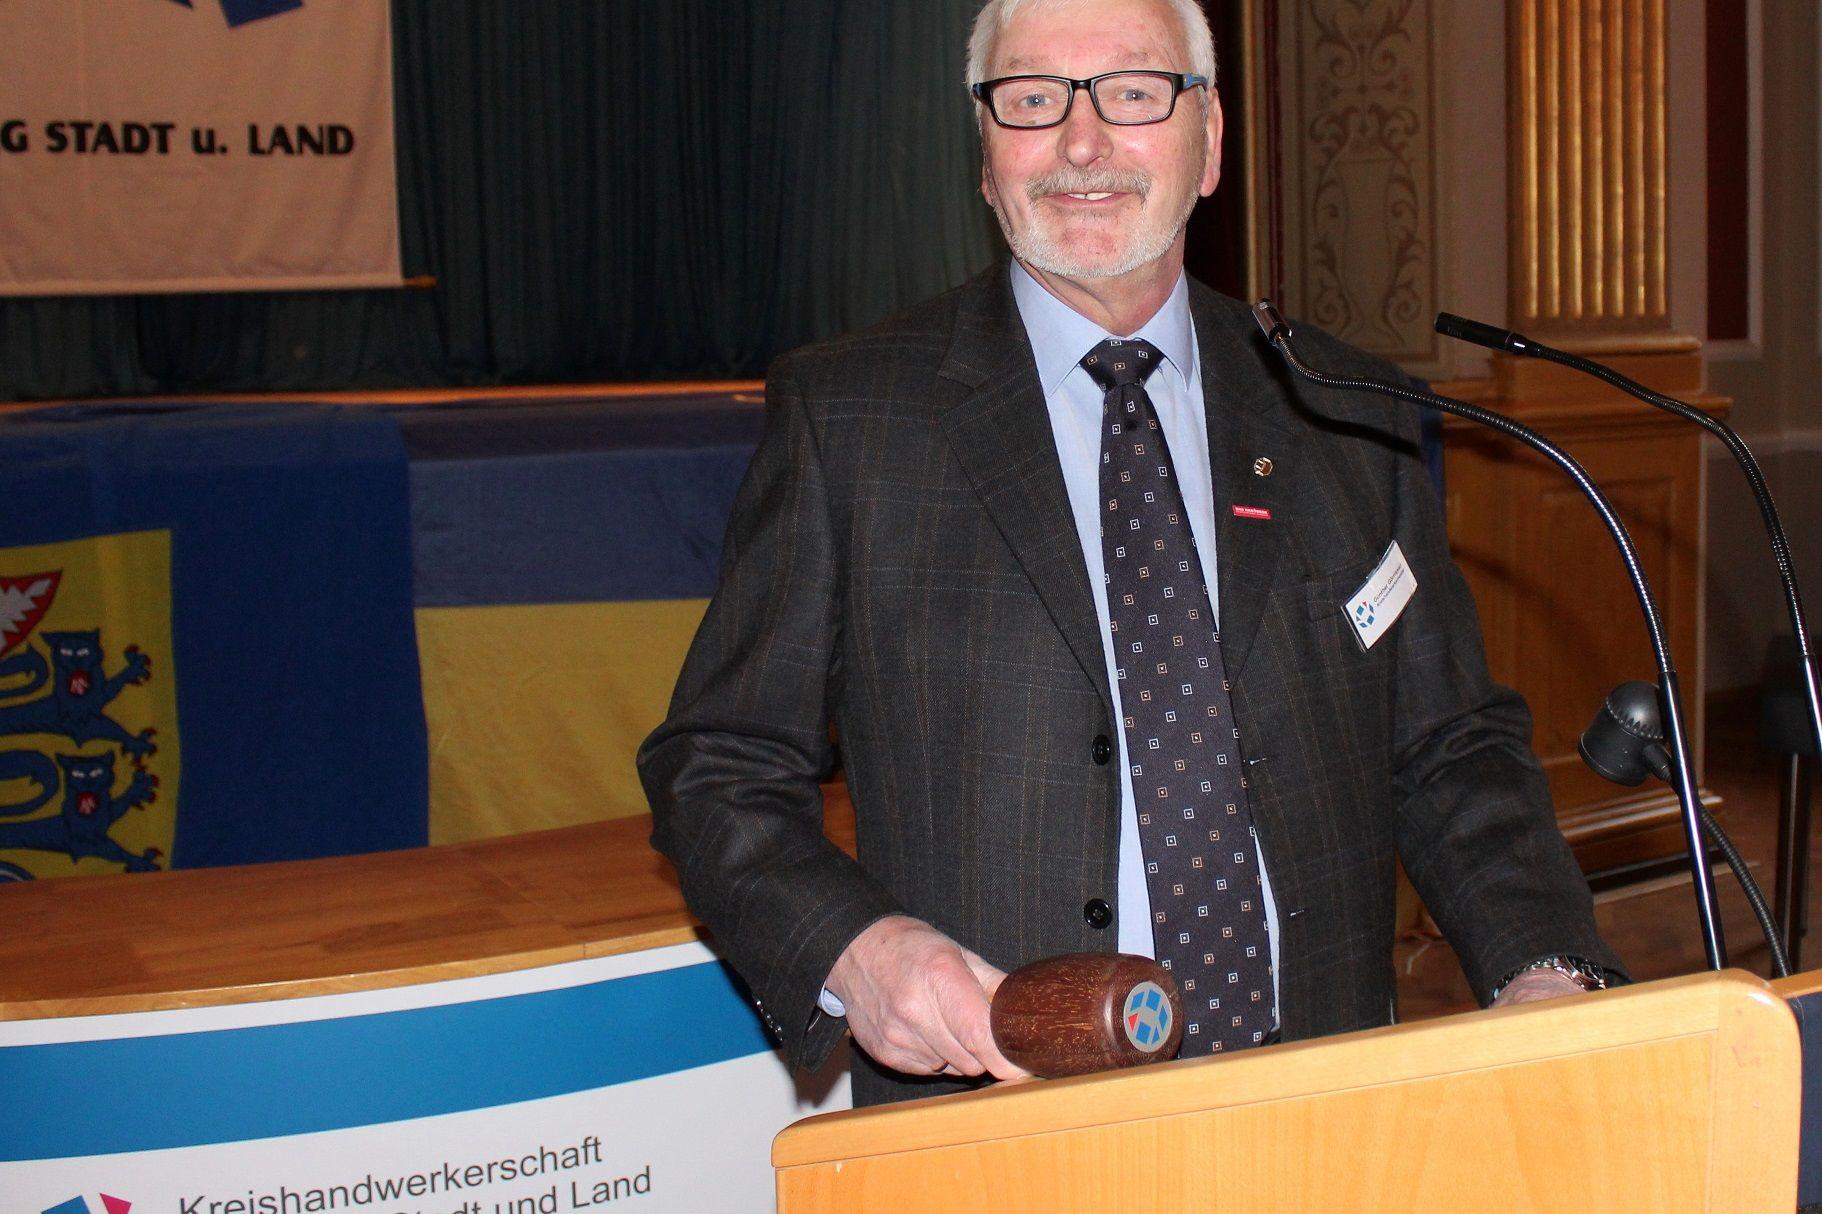 Kreishandwerkerschaft Flensburg Fruehschoppen 2019